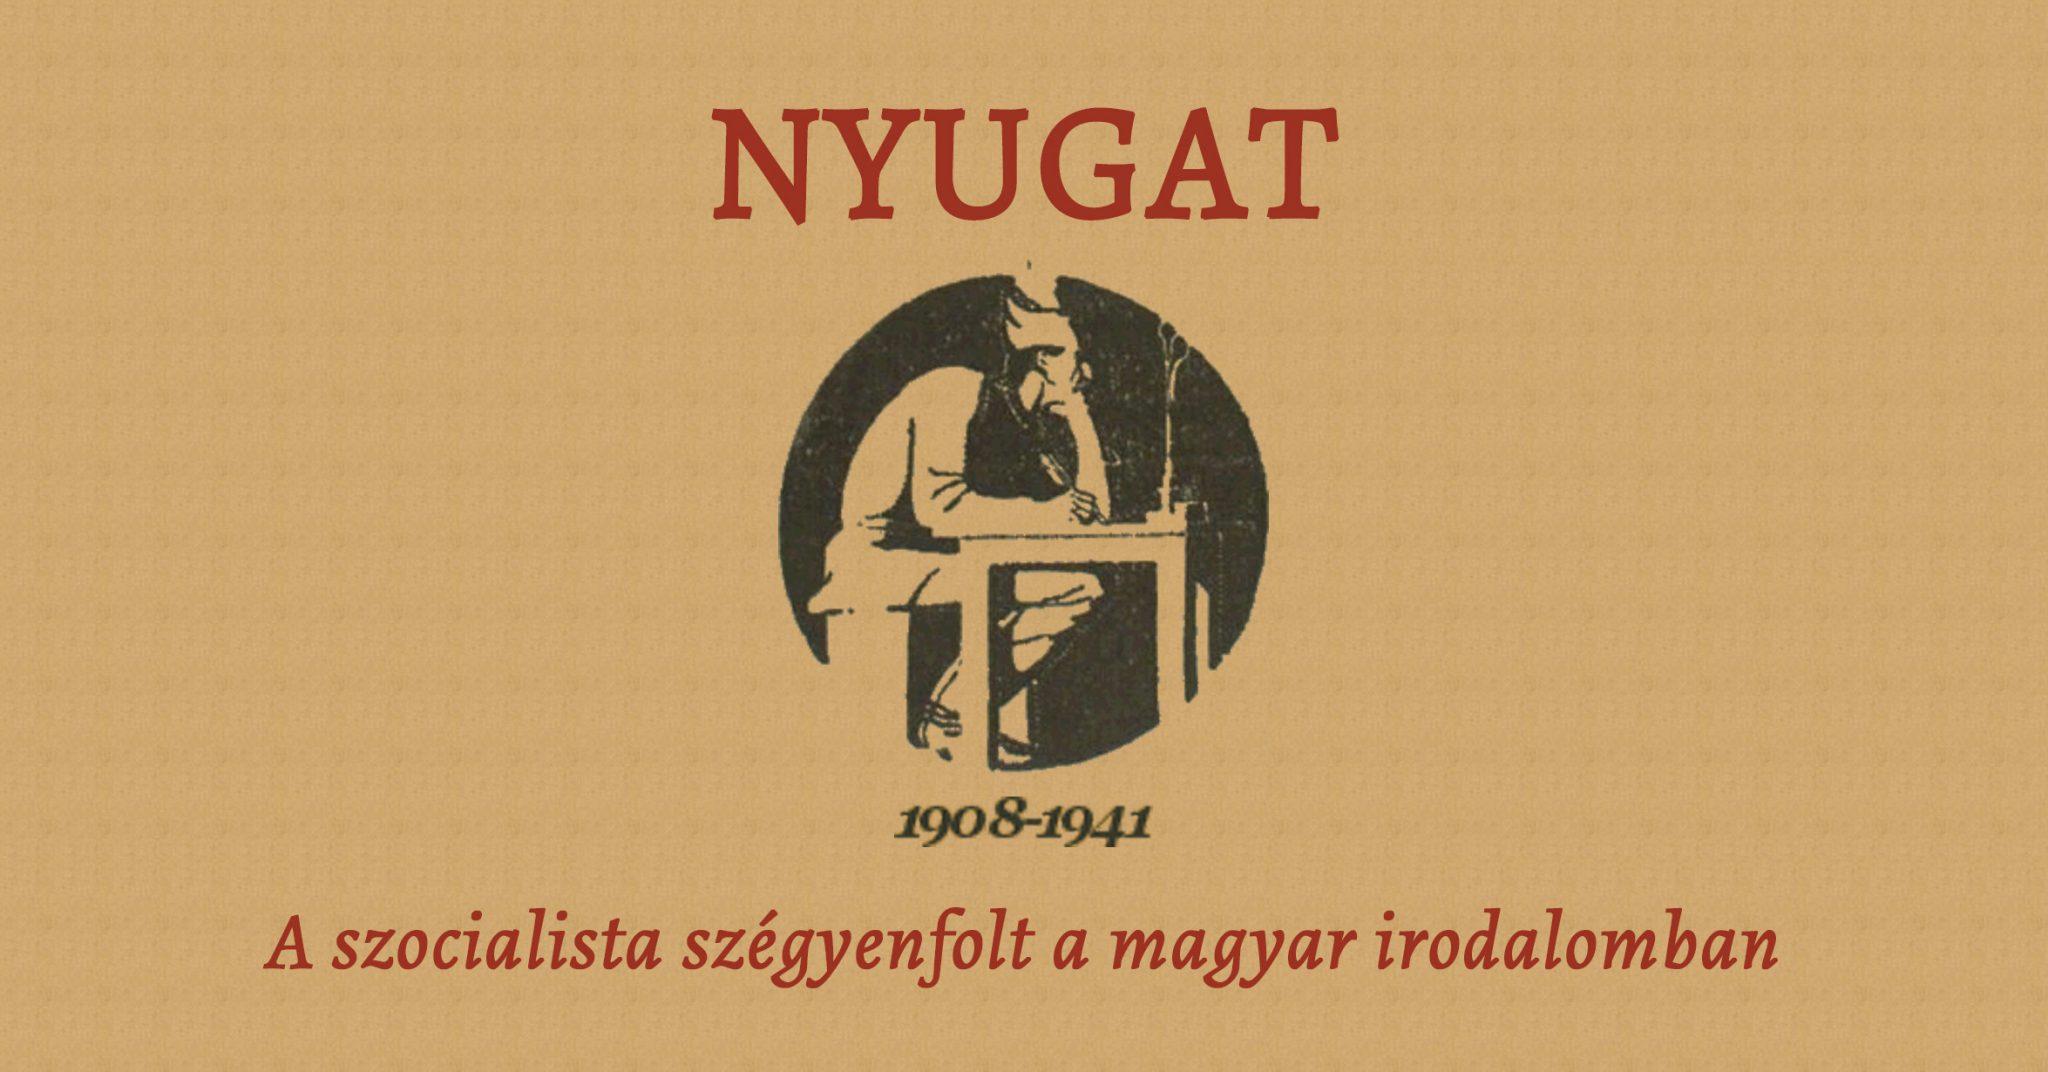 Nyugat - A szocialista szégyenfolt a magyar irodalomban